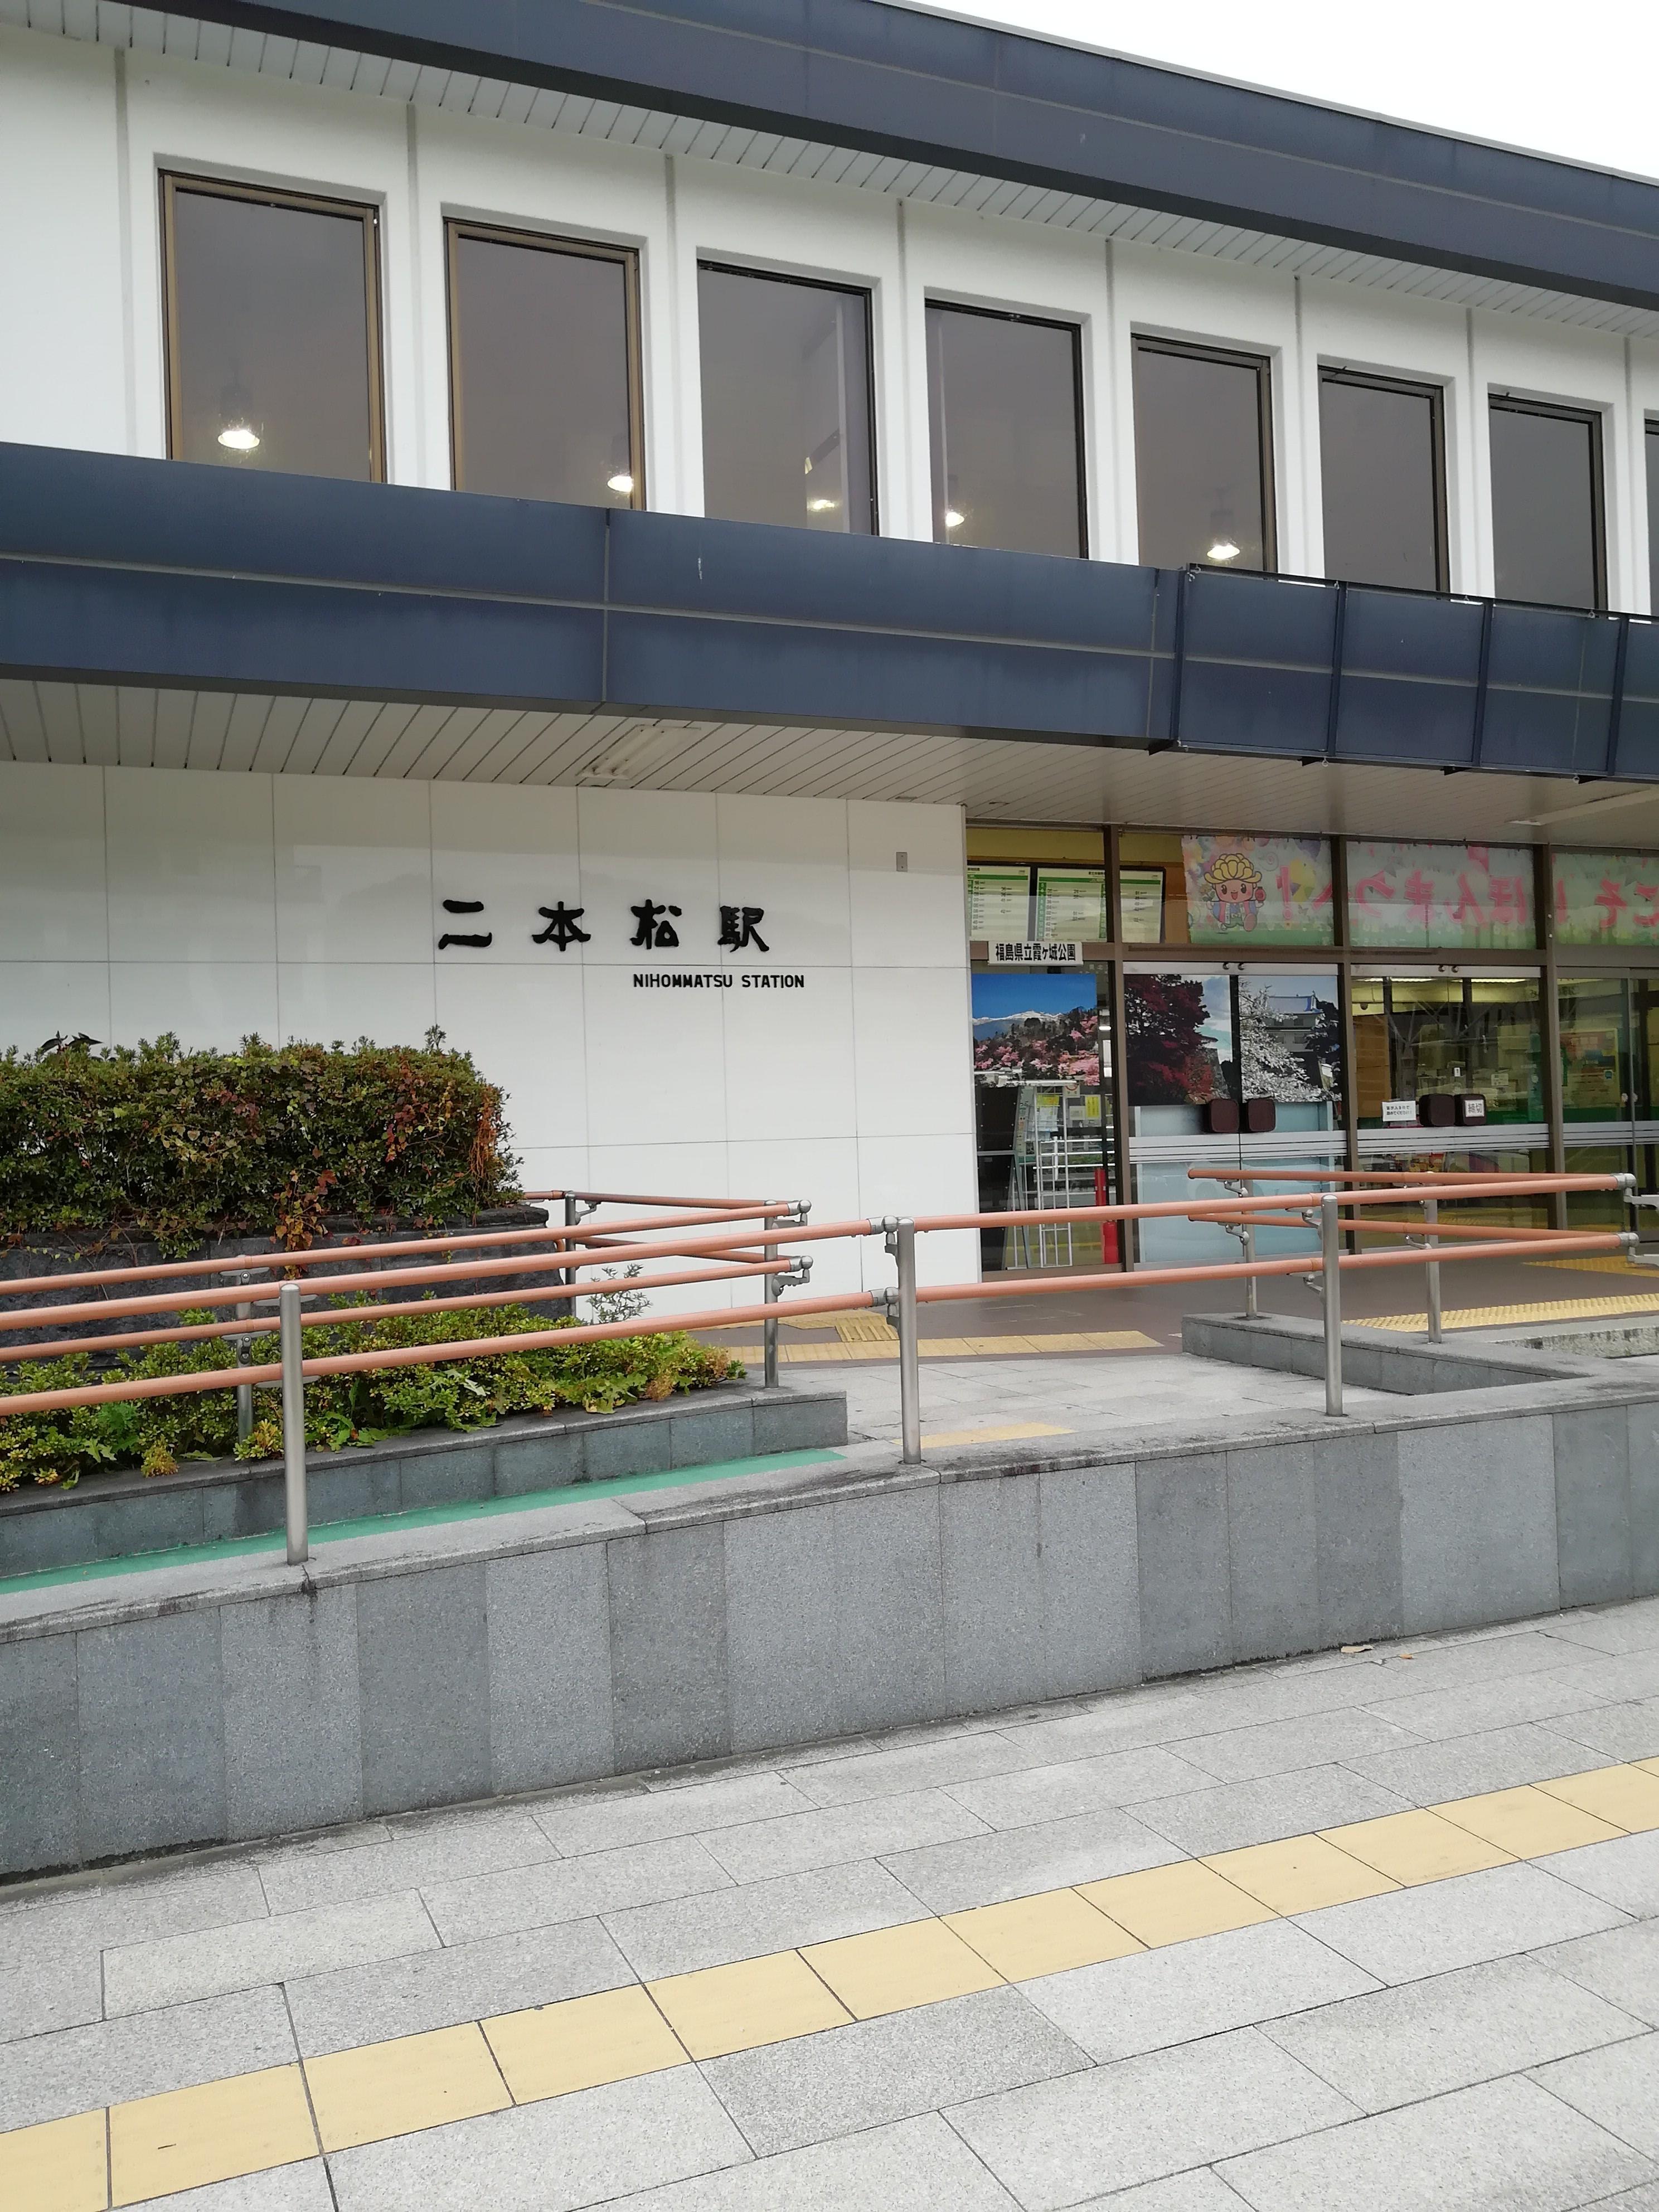 またまた二本松市にやってまいりました!!